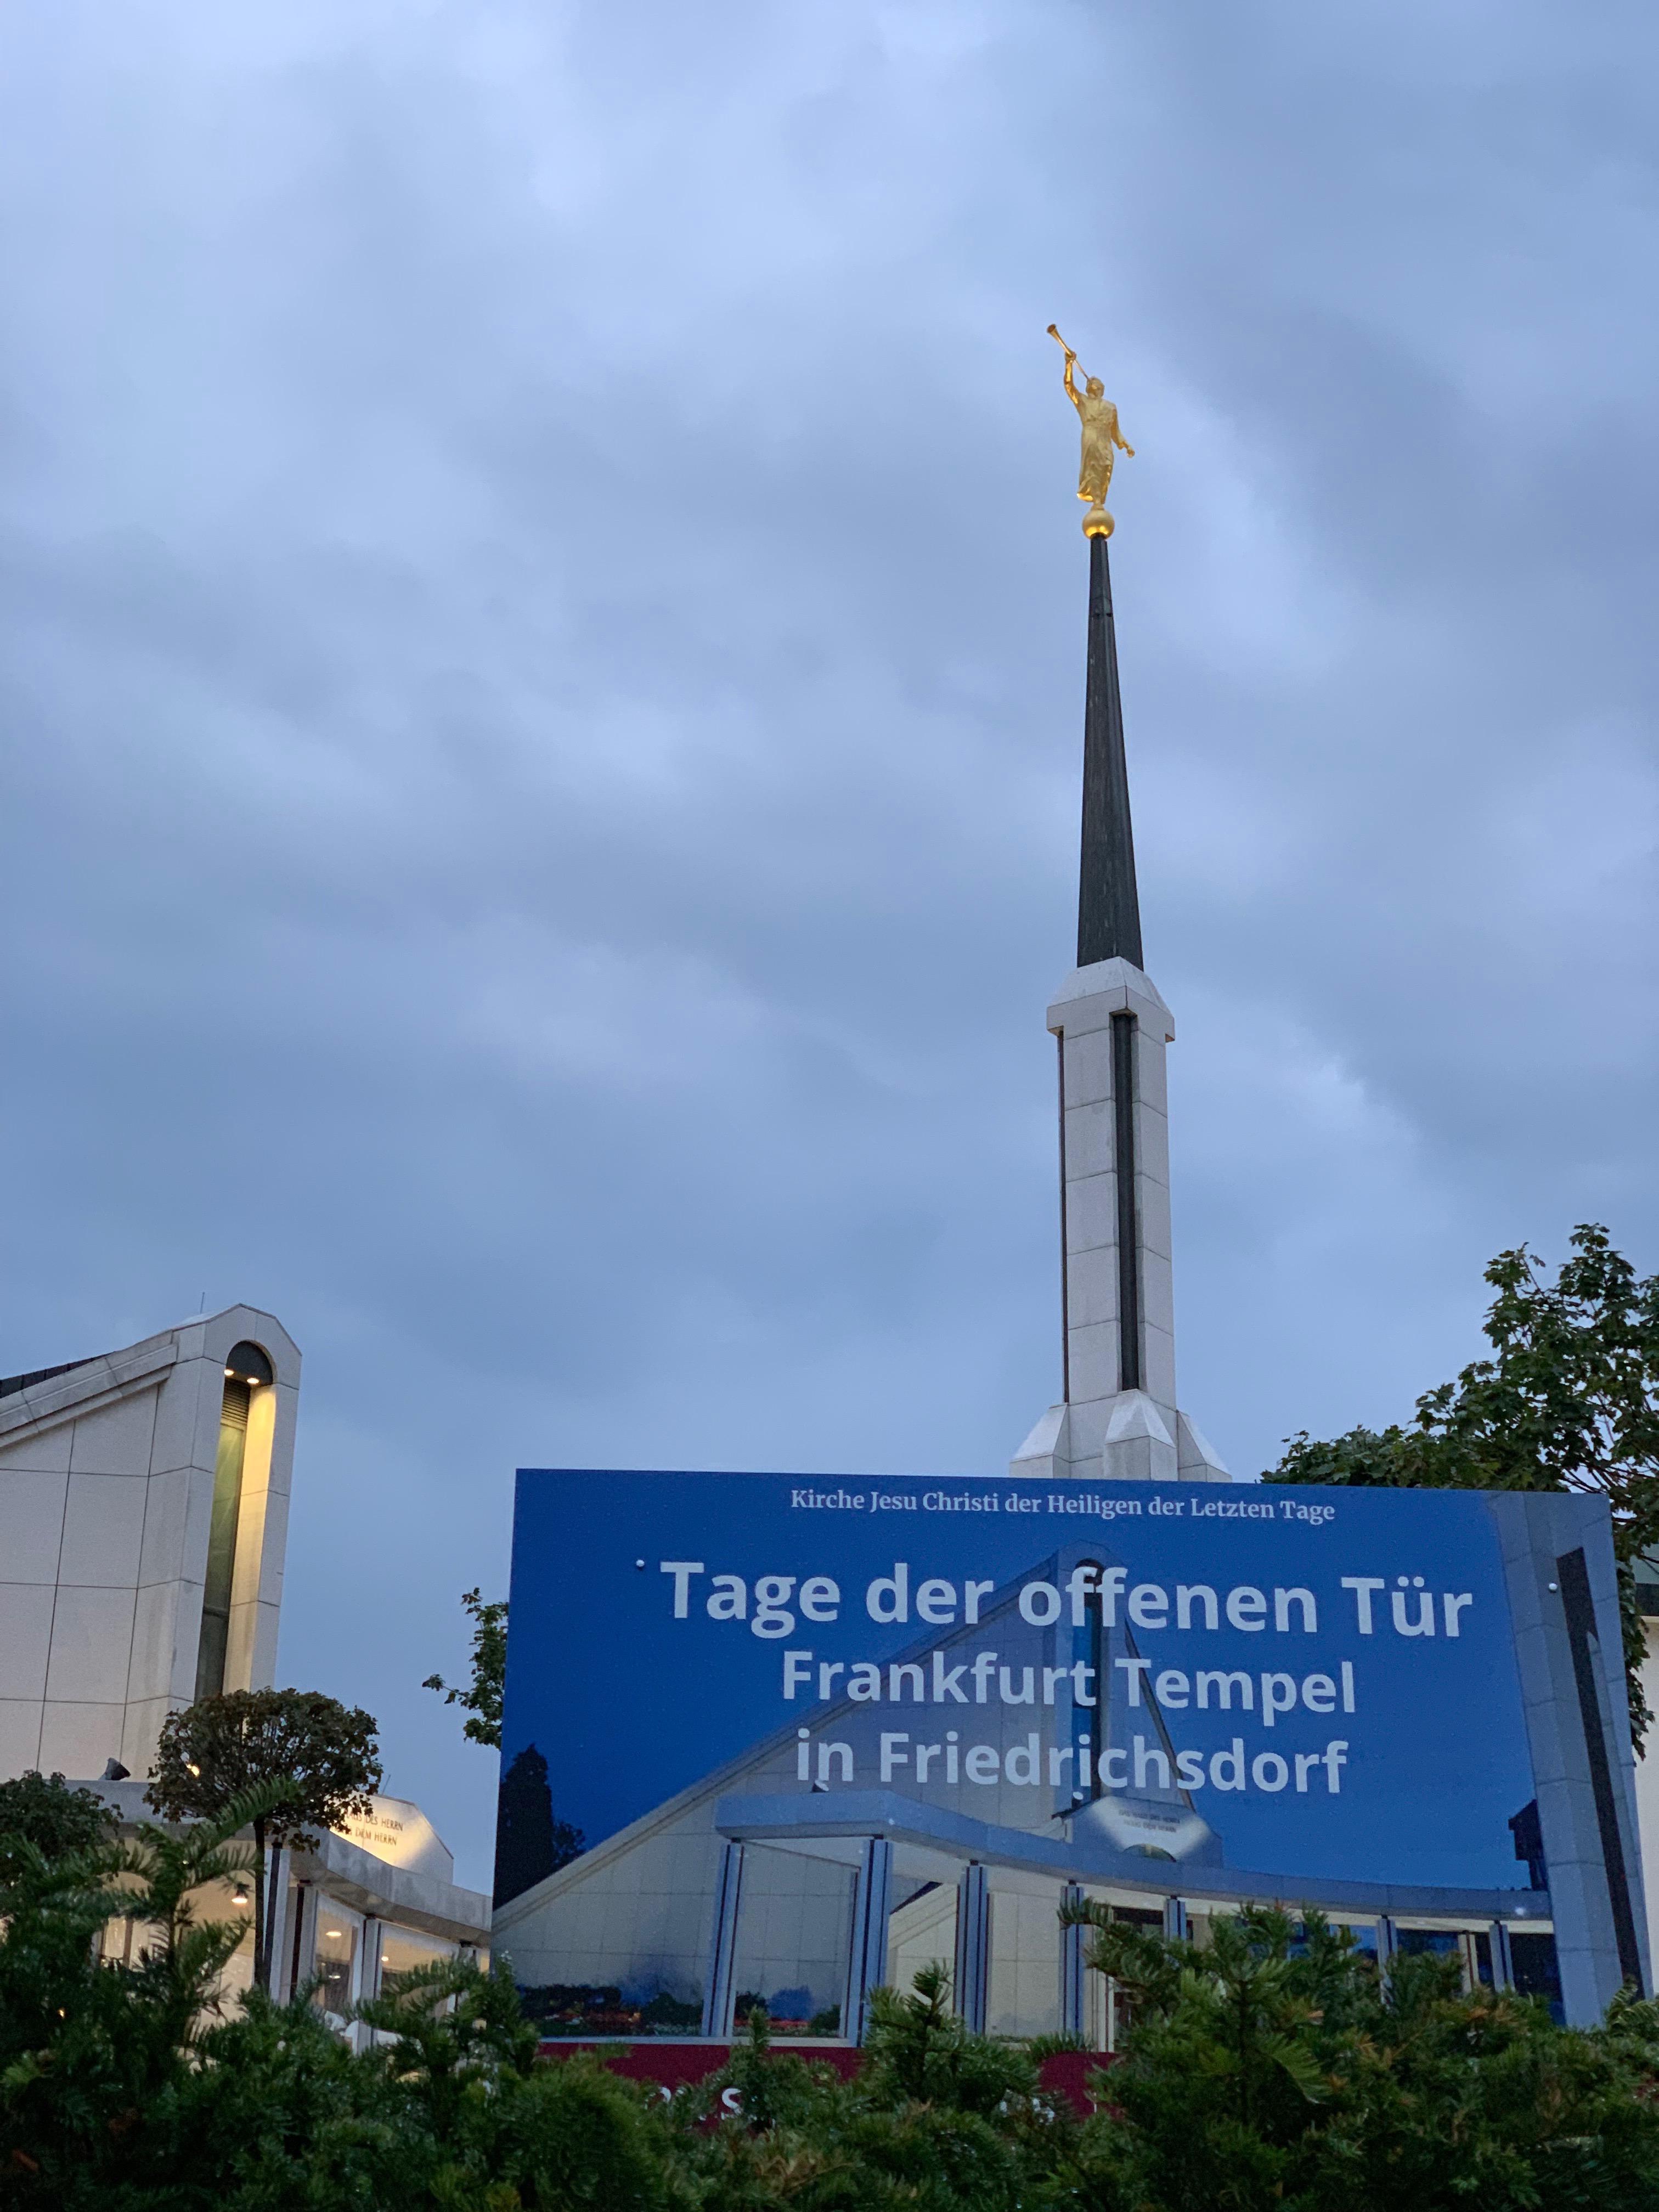 O Templo de Frankfurt Alemanha fotografado antes do início da visitação pública que acontece entre 13-28 de setembro de 2019.